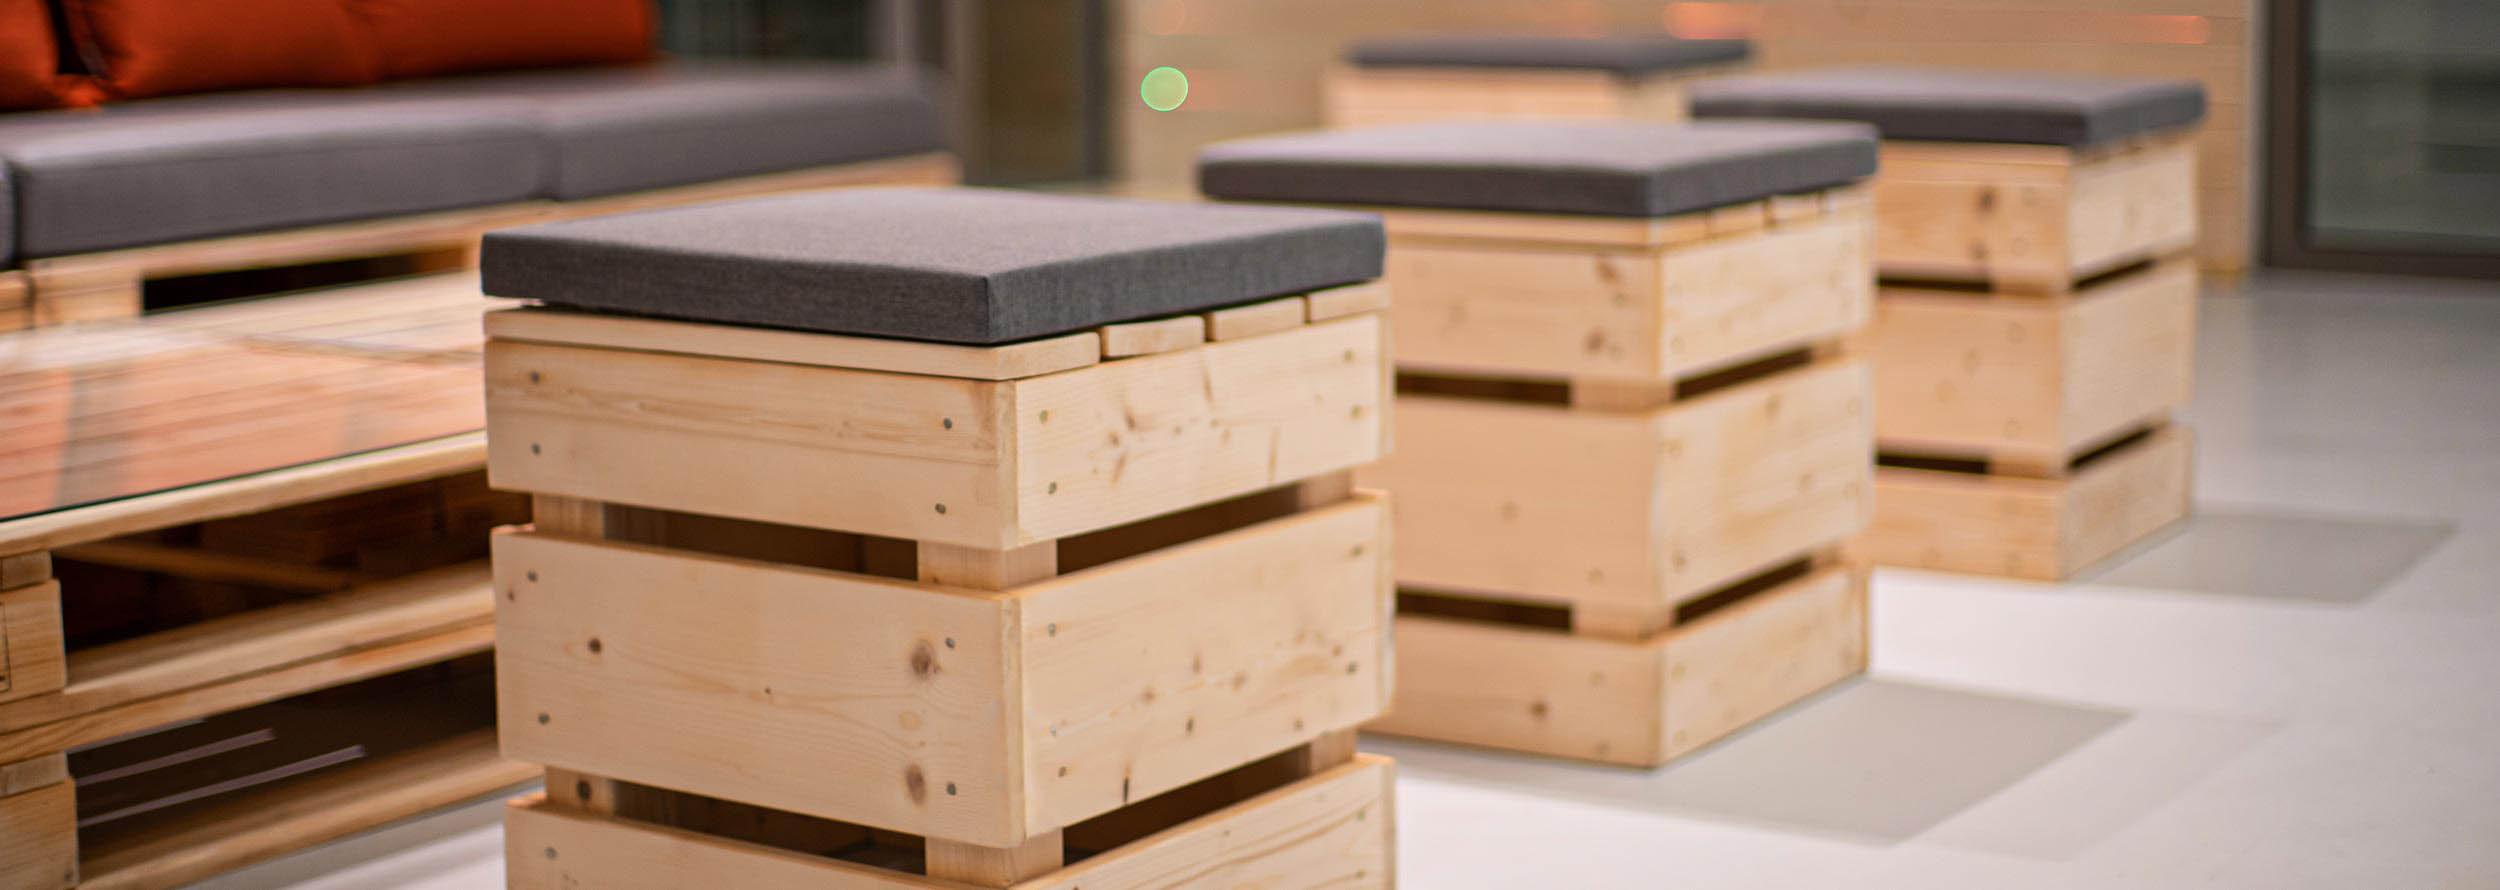 Paletten-Hocker, Bänke & Stühle kaufen bei SUPERSACK